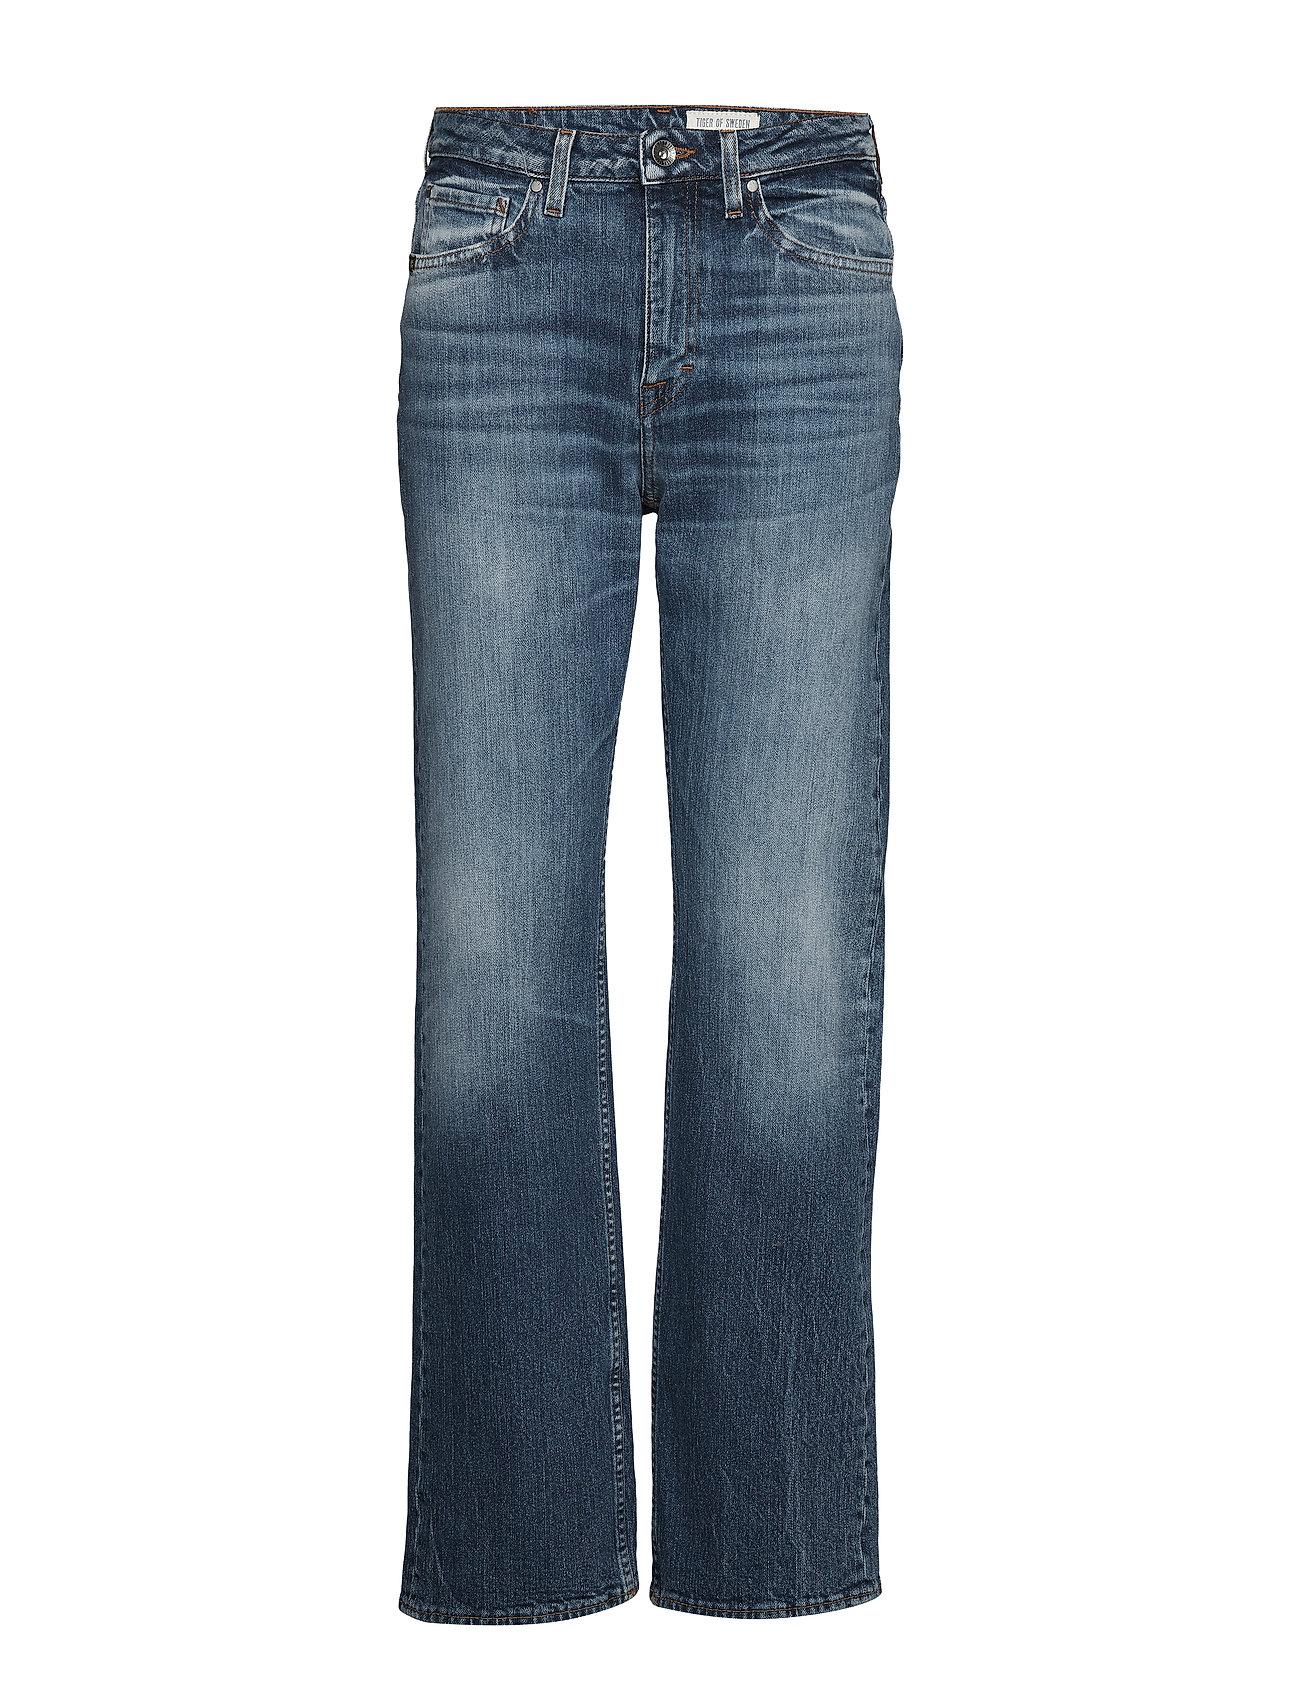 Tiger of Sweden Jeans FRAN - MEDIUM BLUE